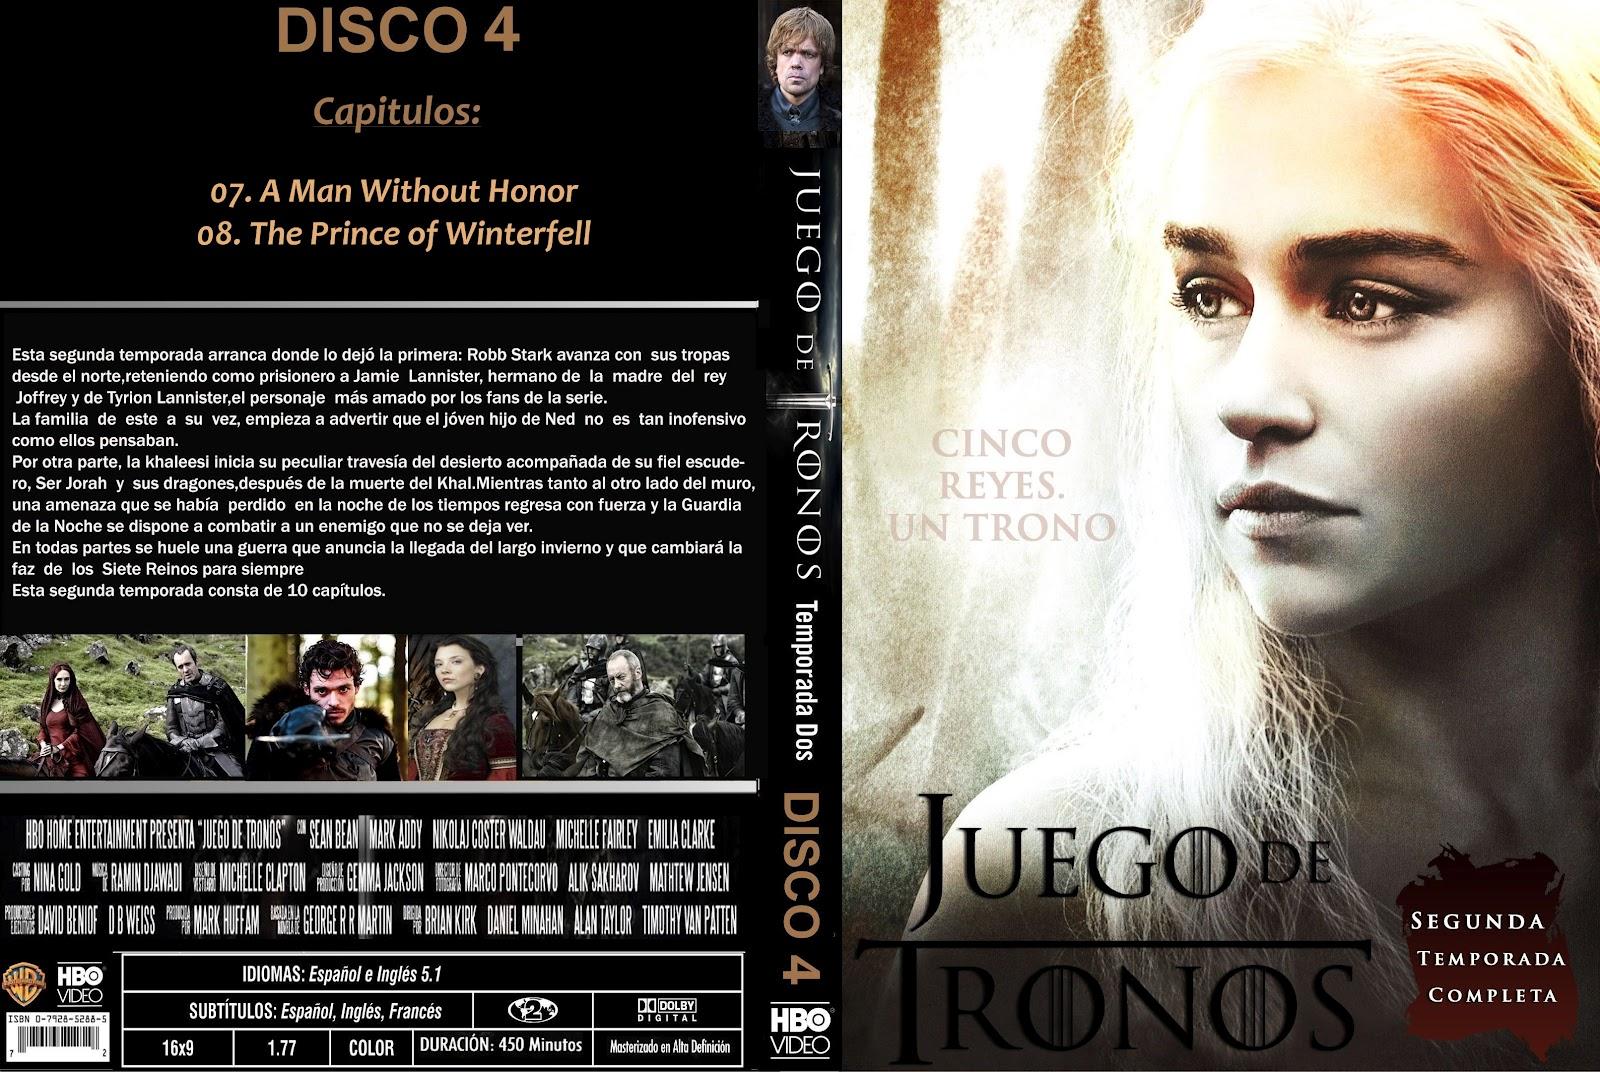 MANIA DIGITAL: Juego de Tronos - Temporada 2 - Disco 4 (2012)